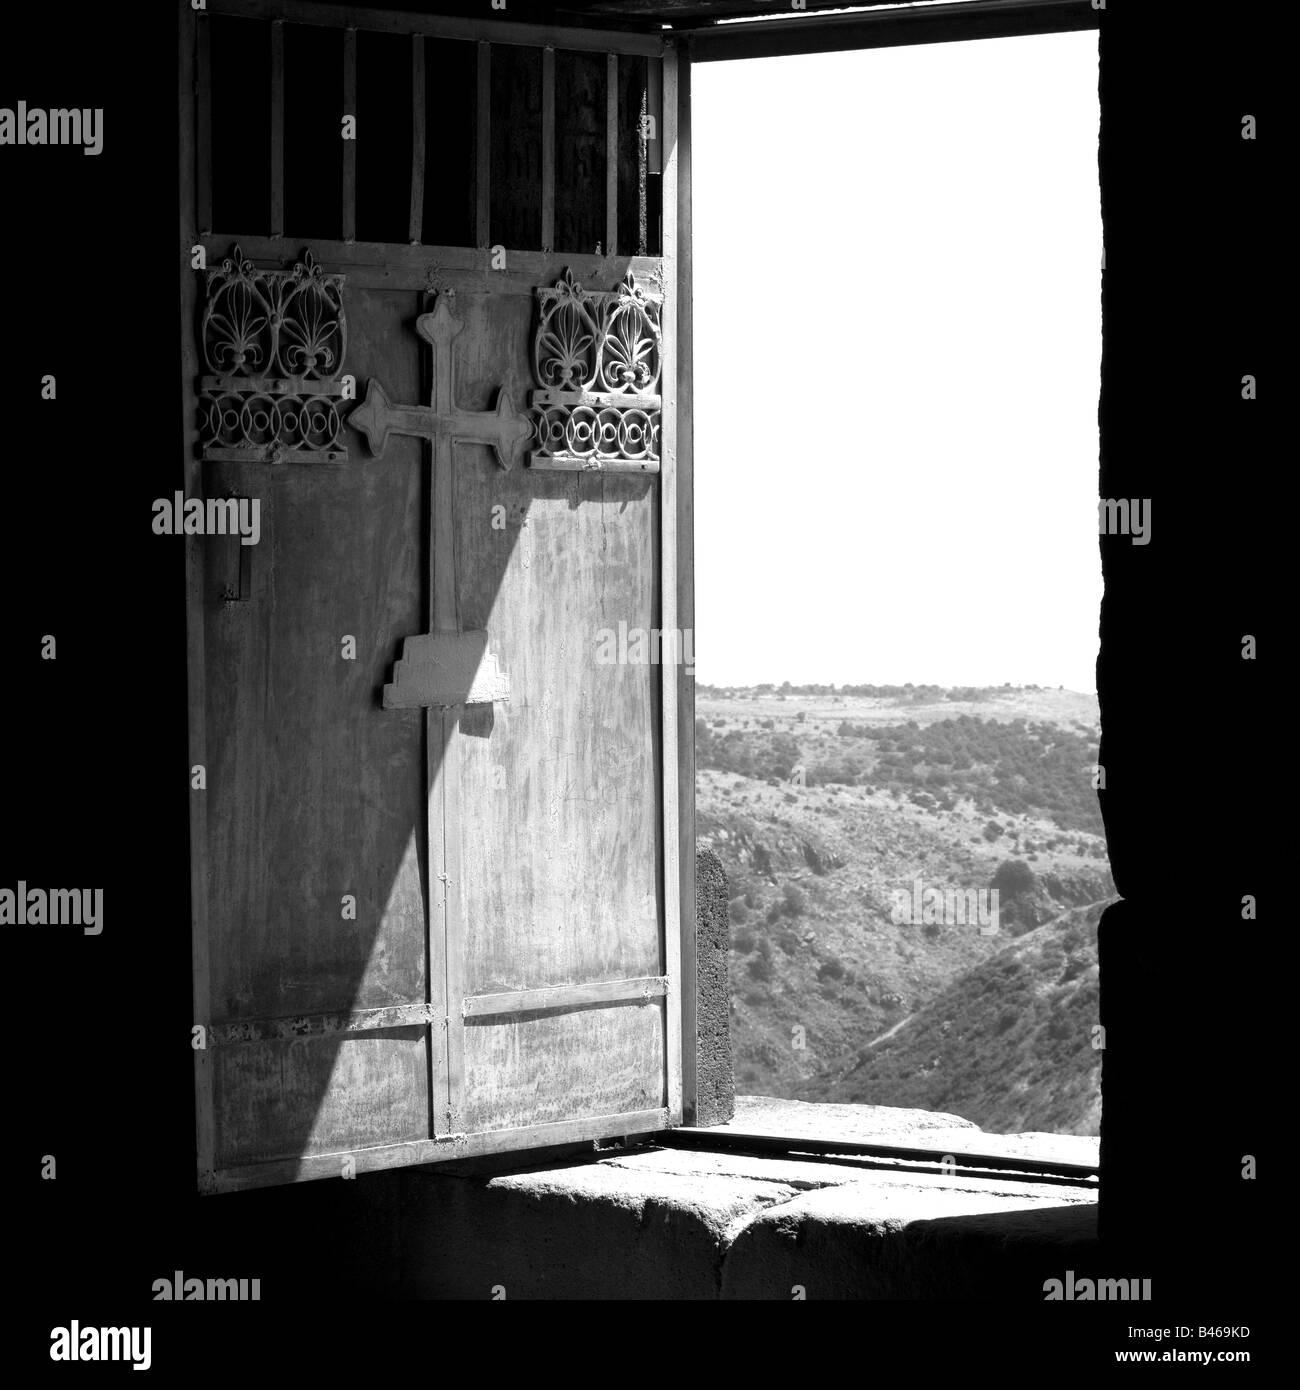 Amberd door - Stock Image